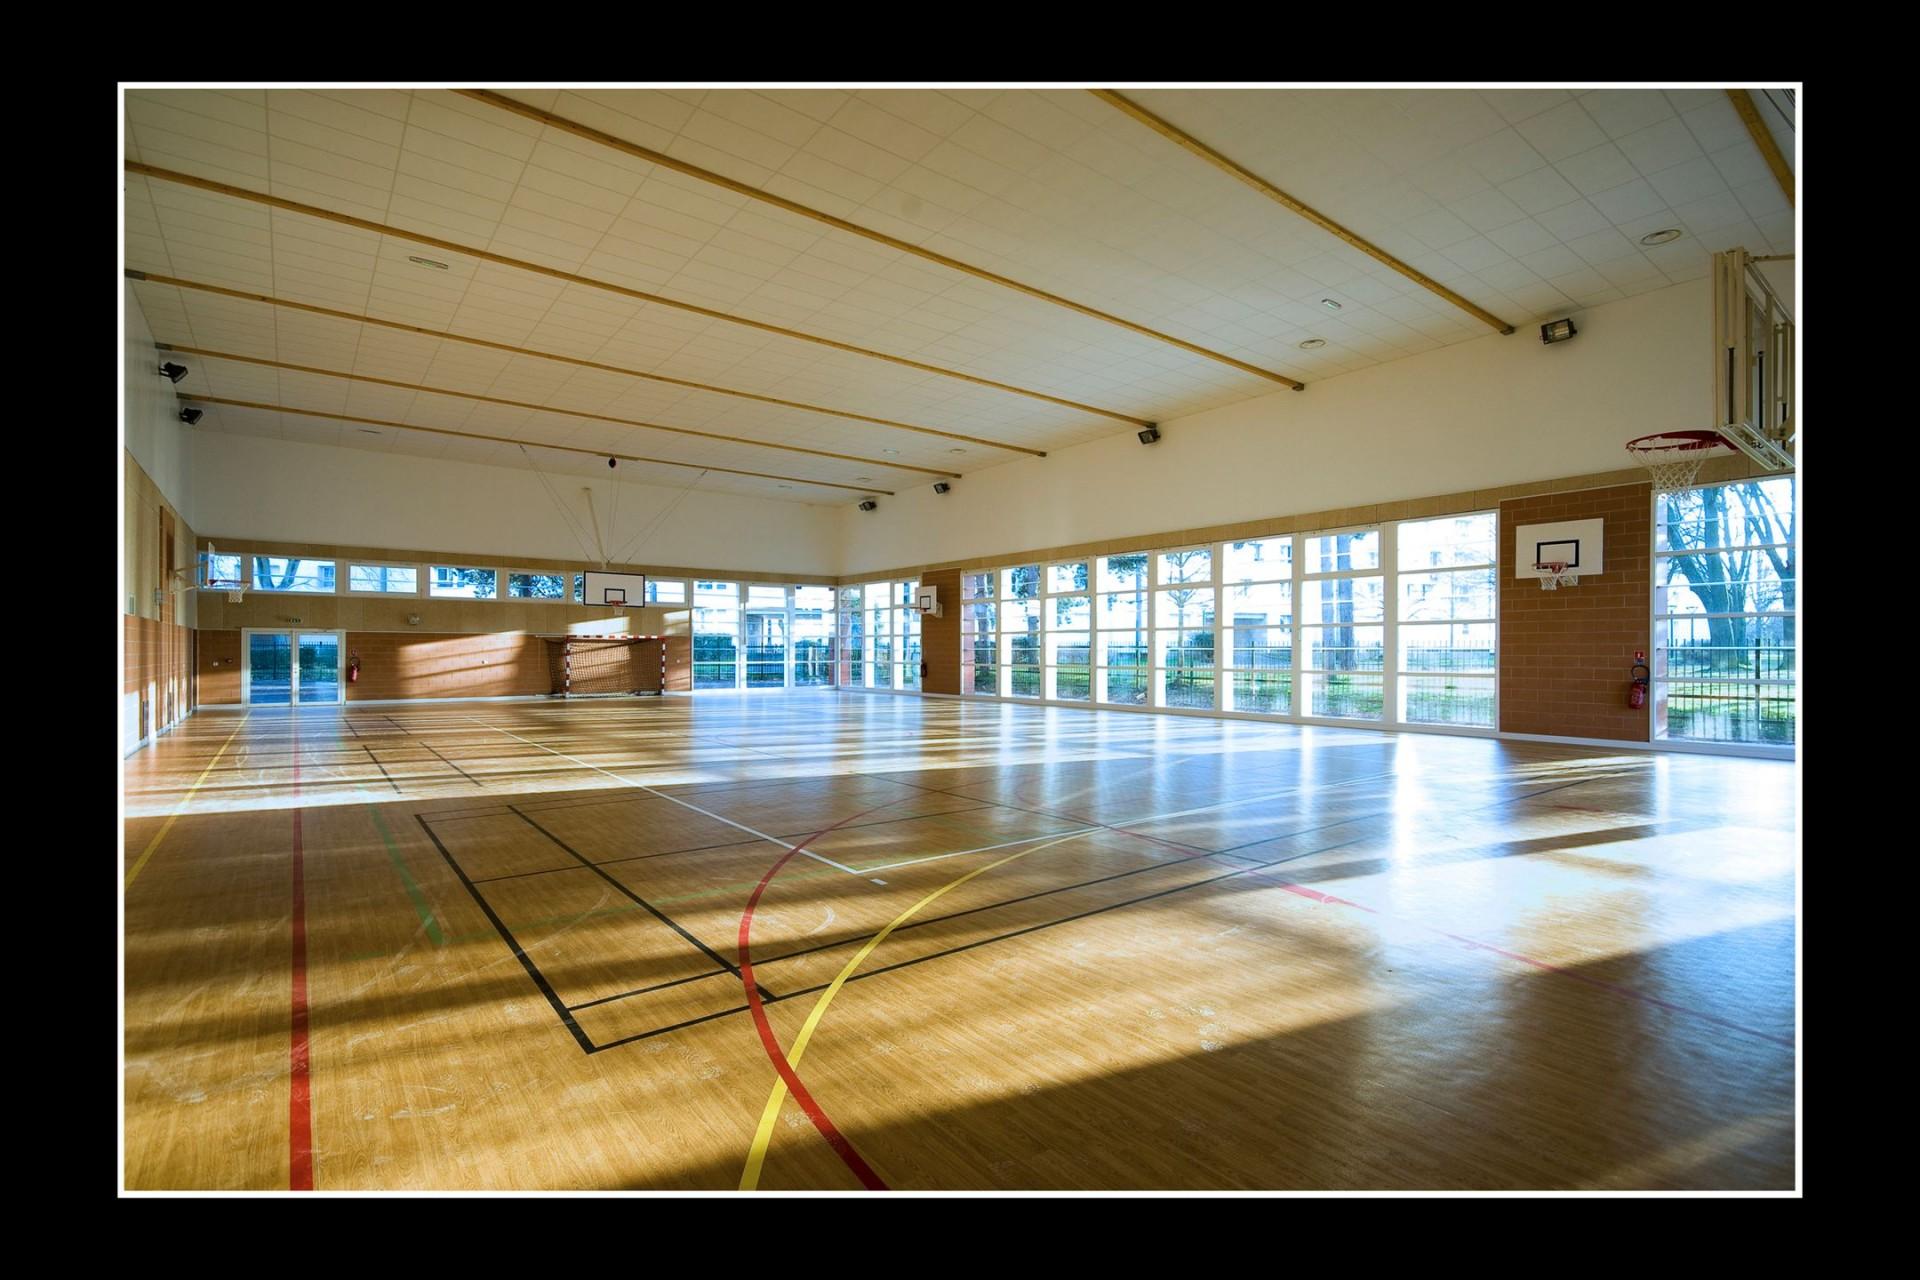 Cité scolaire Louis Hachette, Le Plessis-Robinson